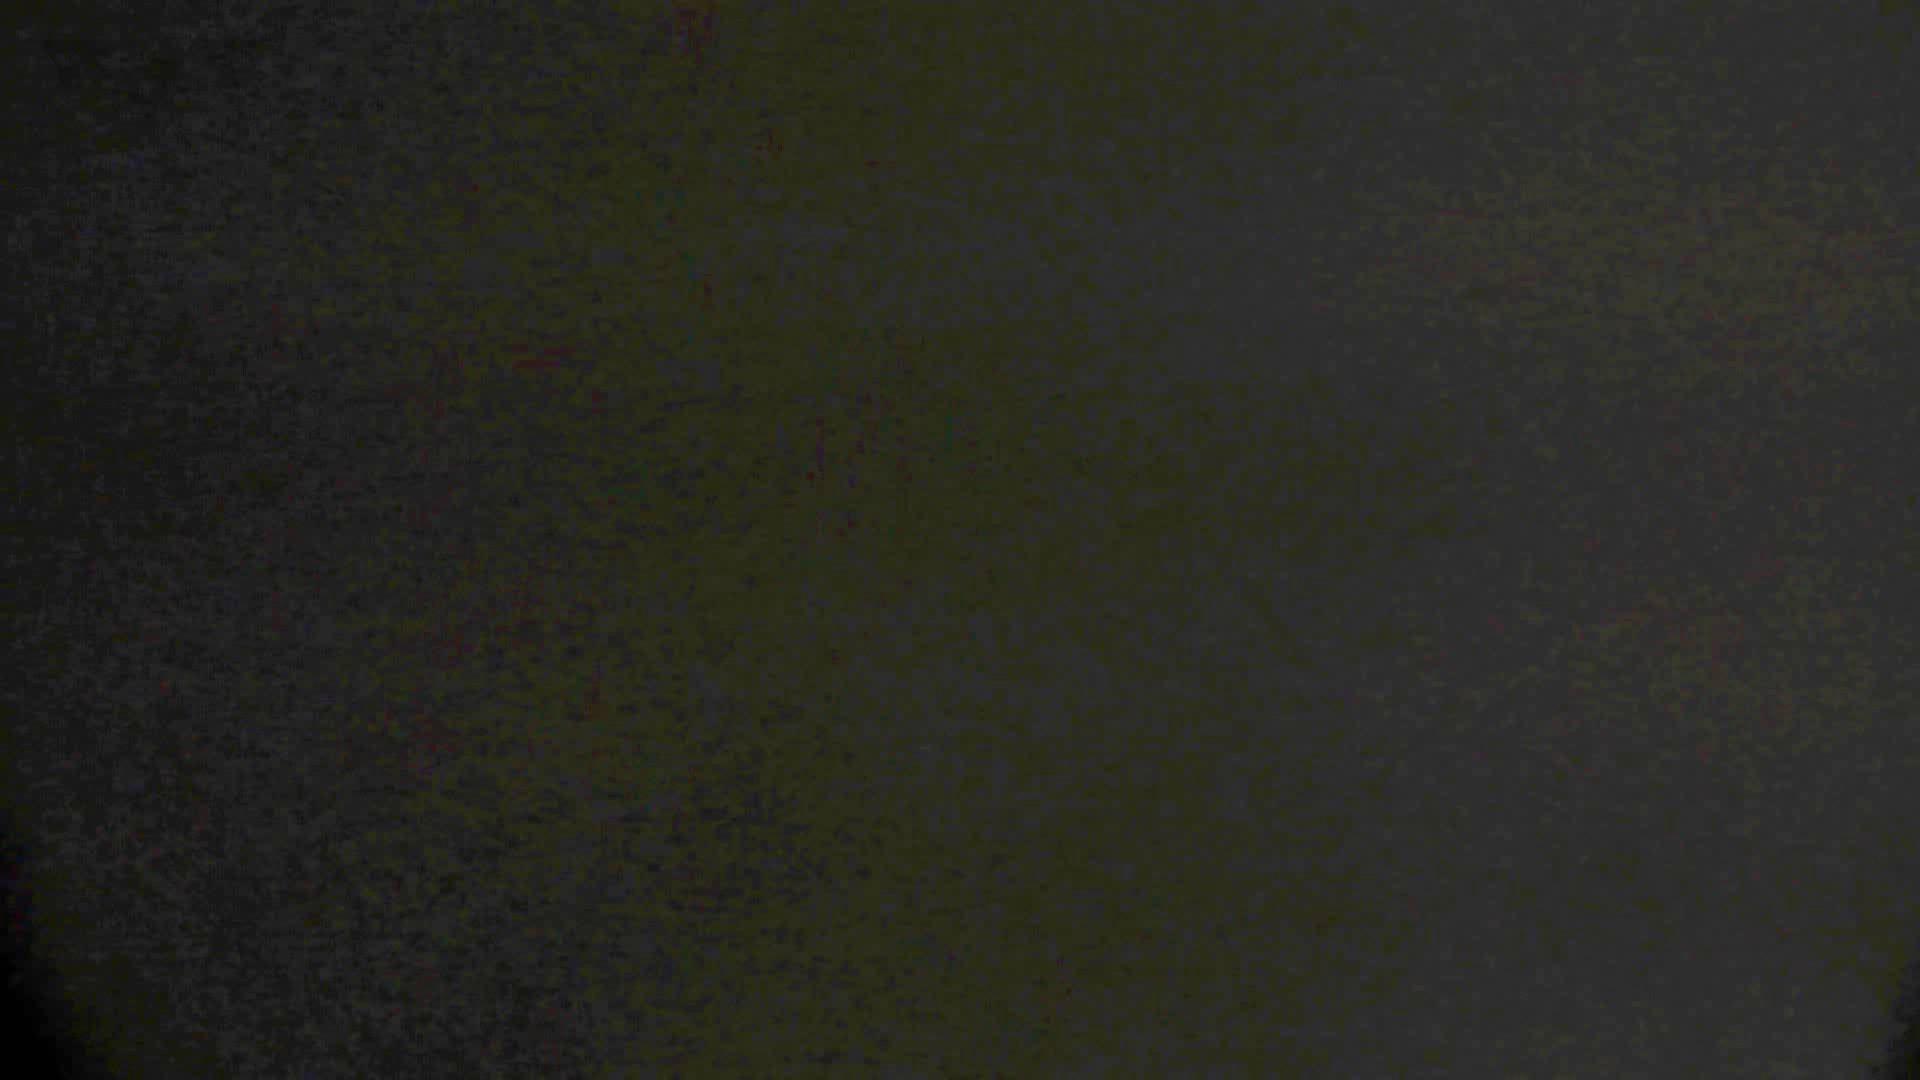 洗面所特攻隊 vol.74 last 2総勢16名激撮【2015・29位】 洗面所 | エッチすぎるOL達  105連発 27